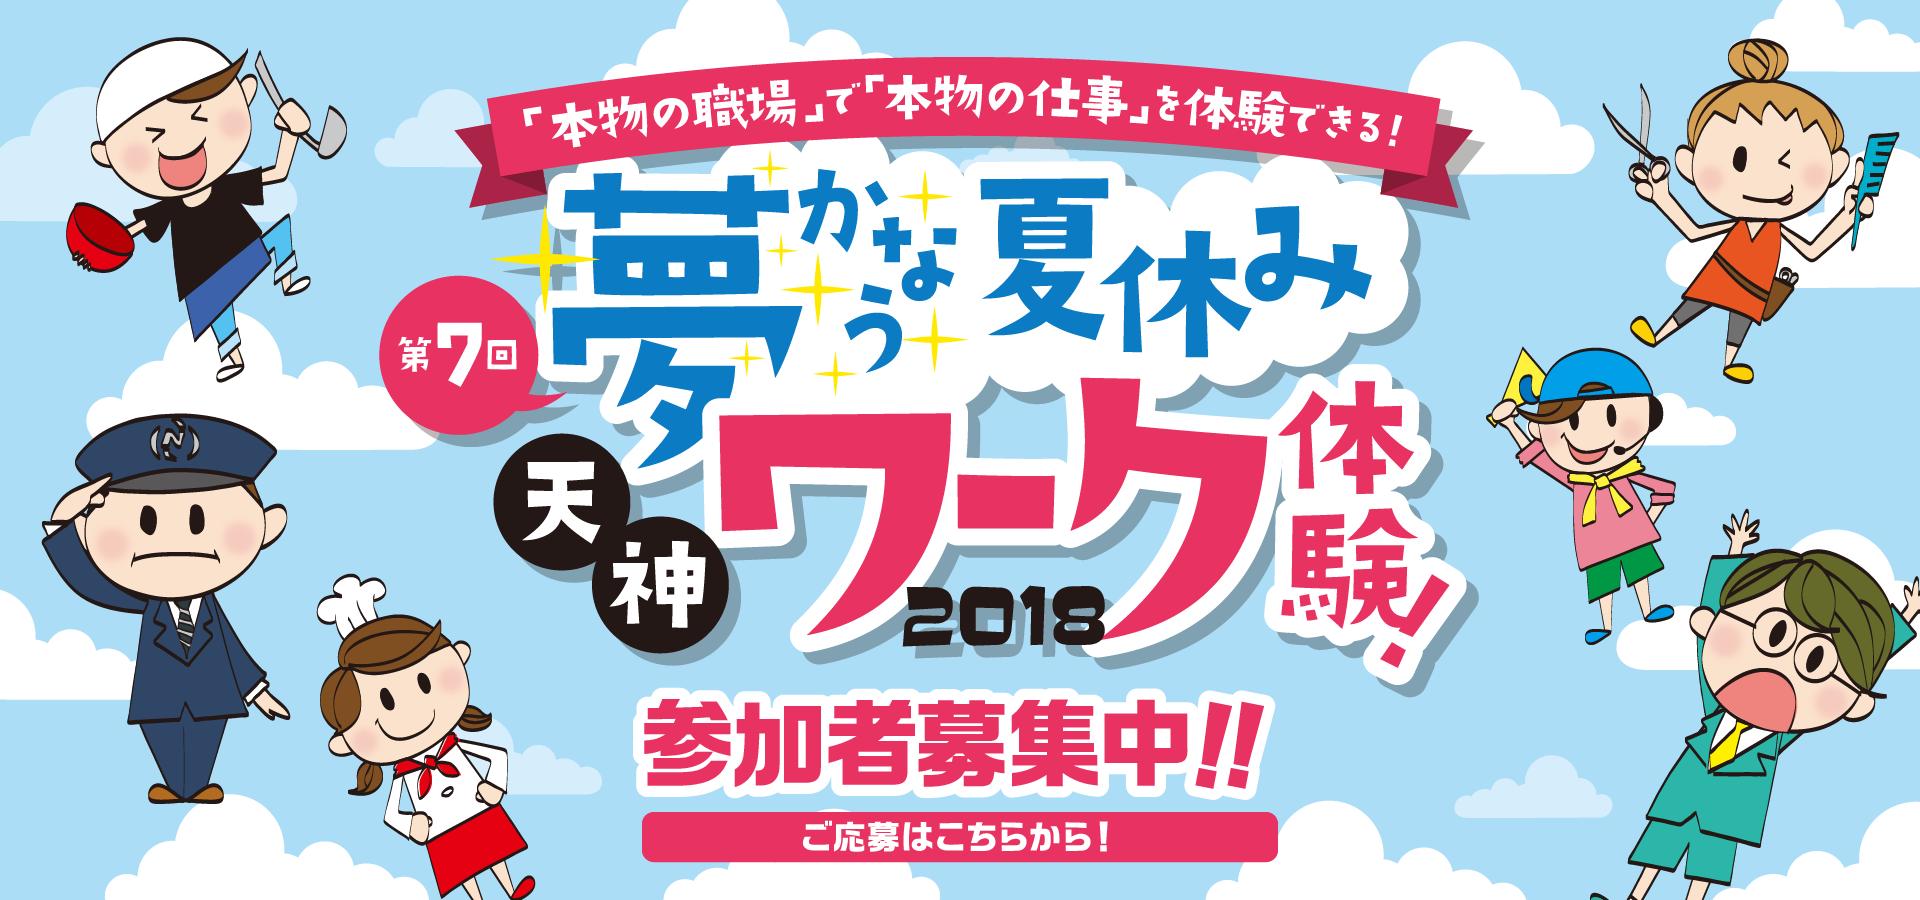 夢かなう夏休み天神ワーク2018参加者募集中